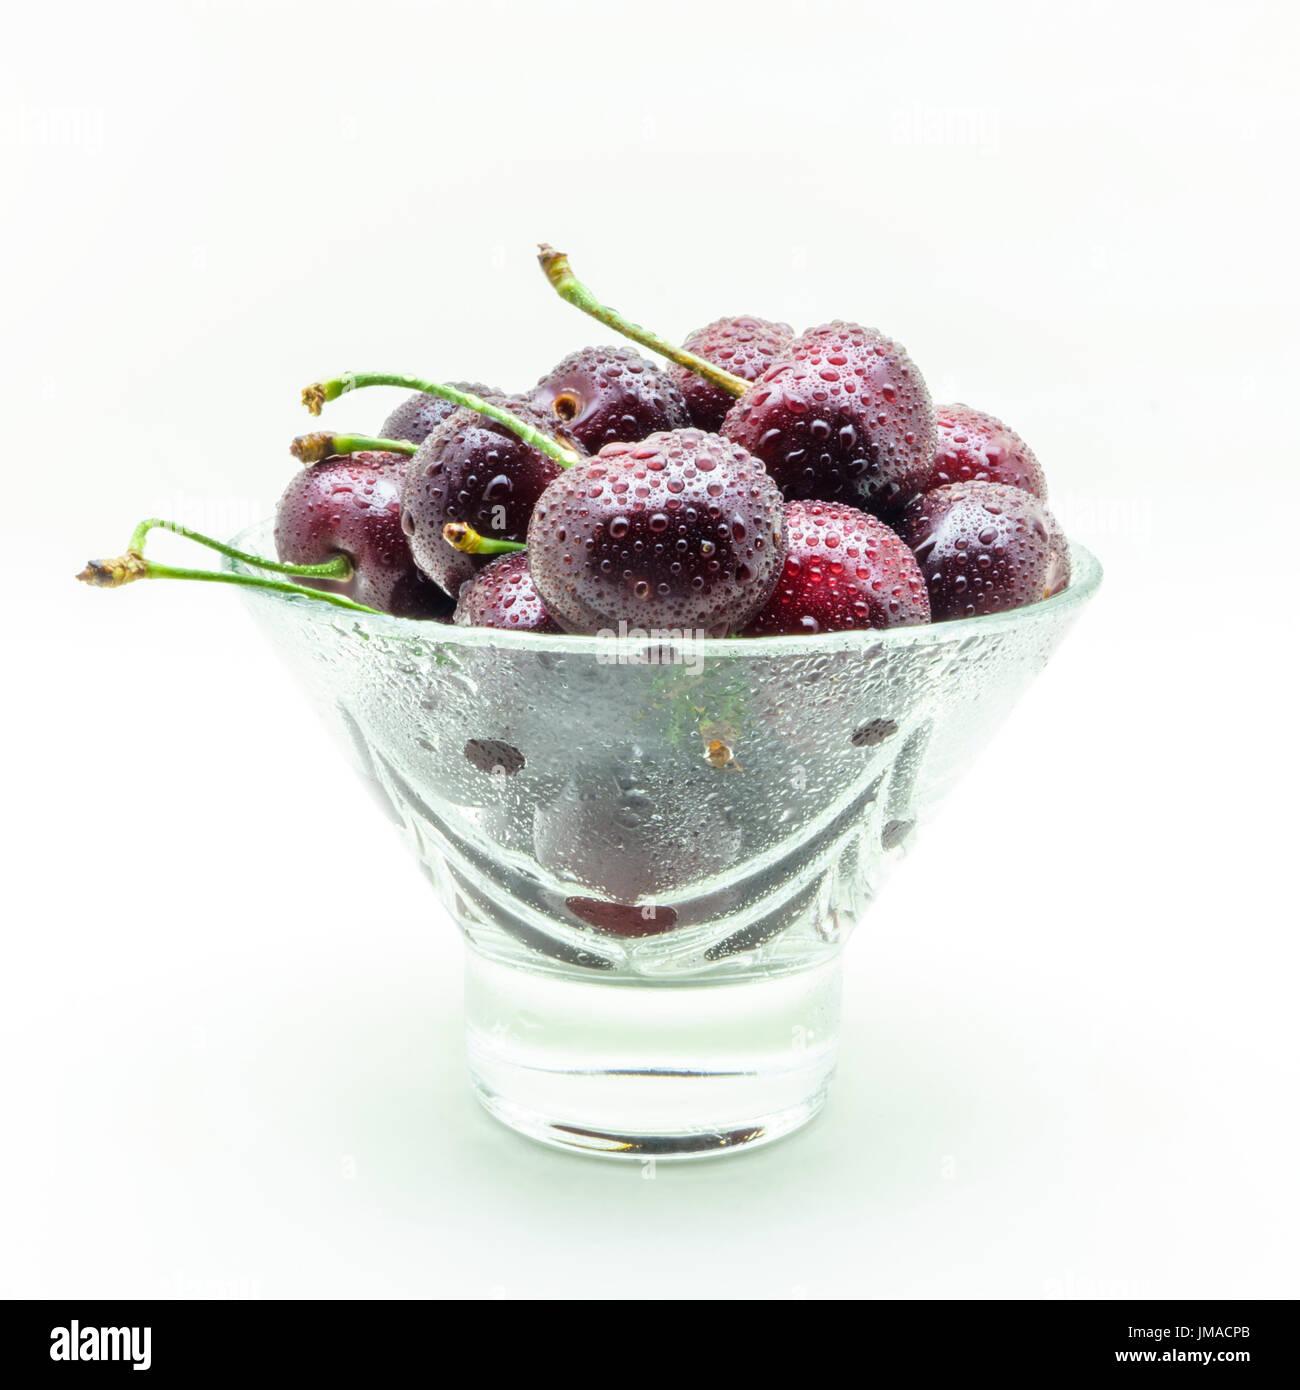 Jarrón de cristal con cerezas húmedo fresco aislado sobre fondo blanco. Foto de stock